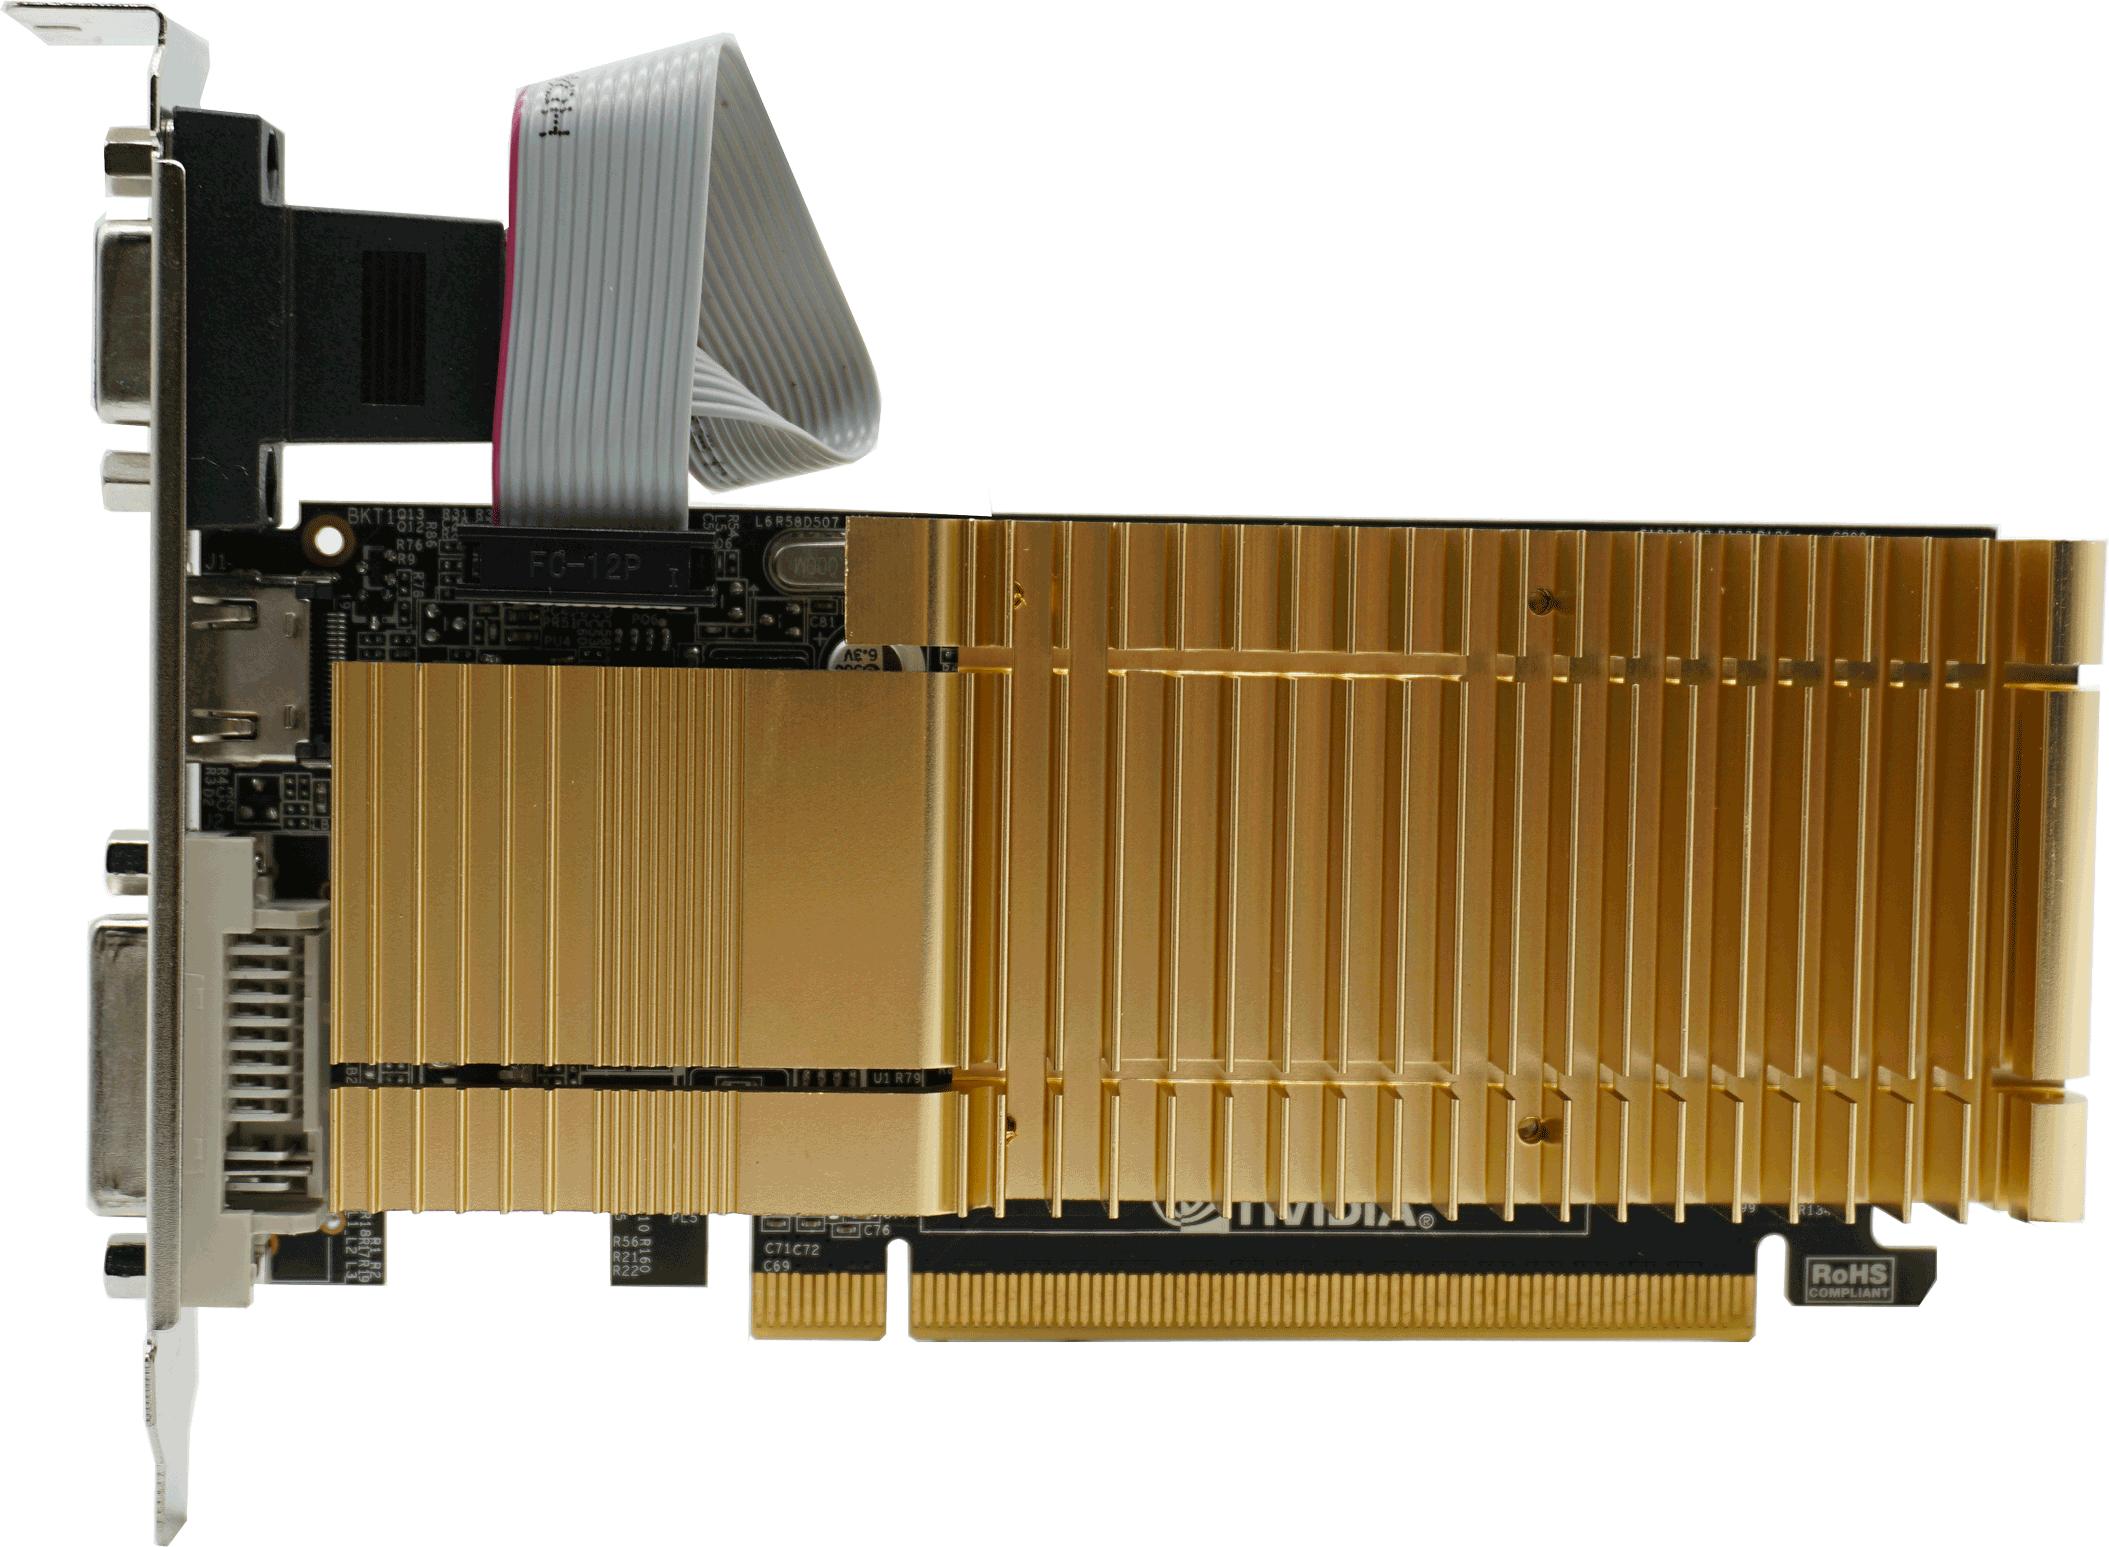 翔升 GeForce® GT610 战刀 1GD3